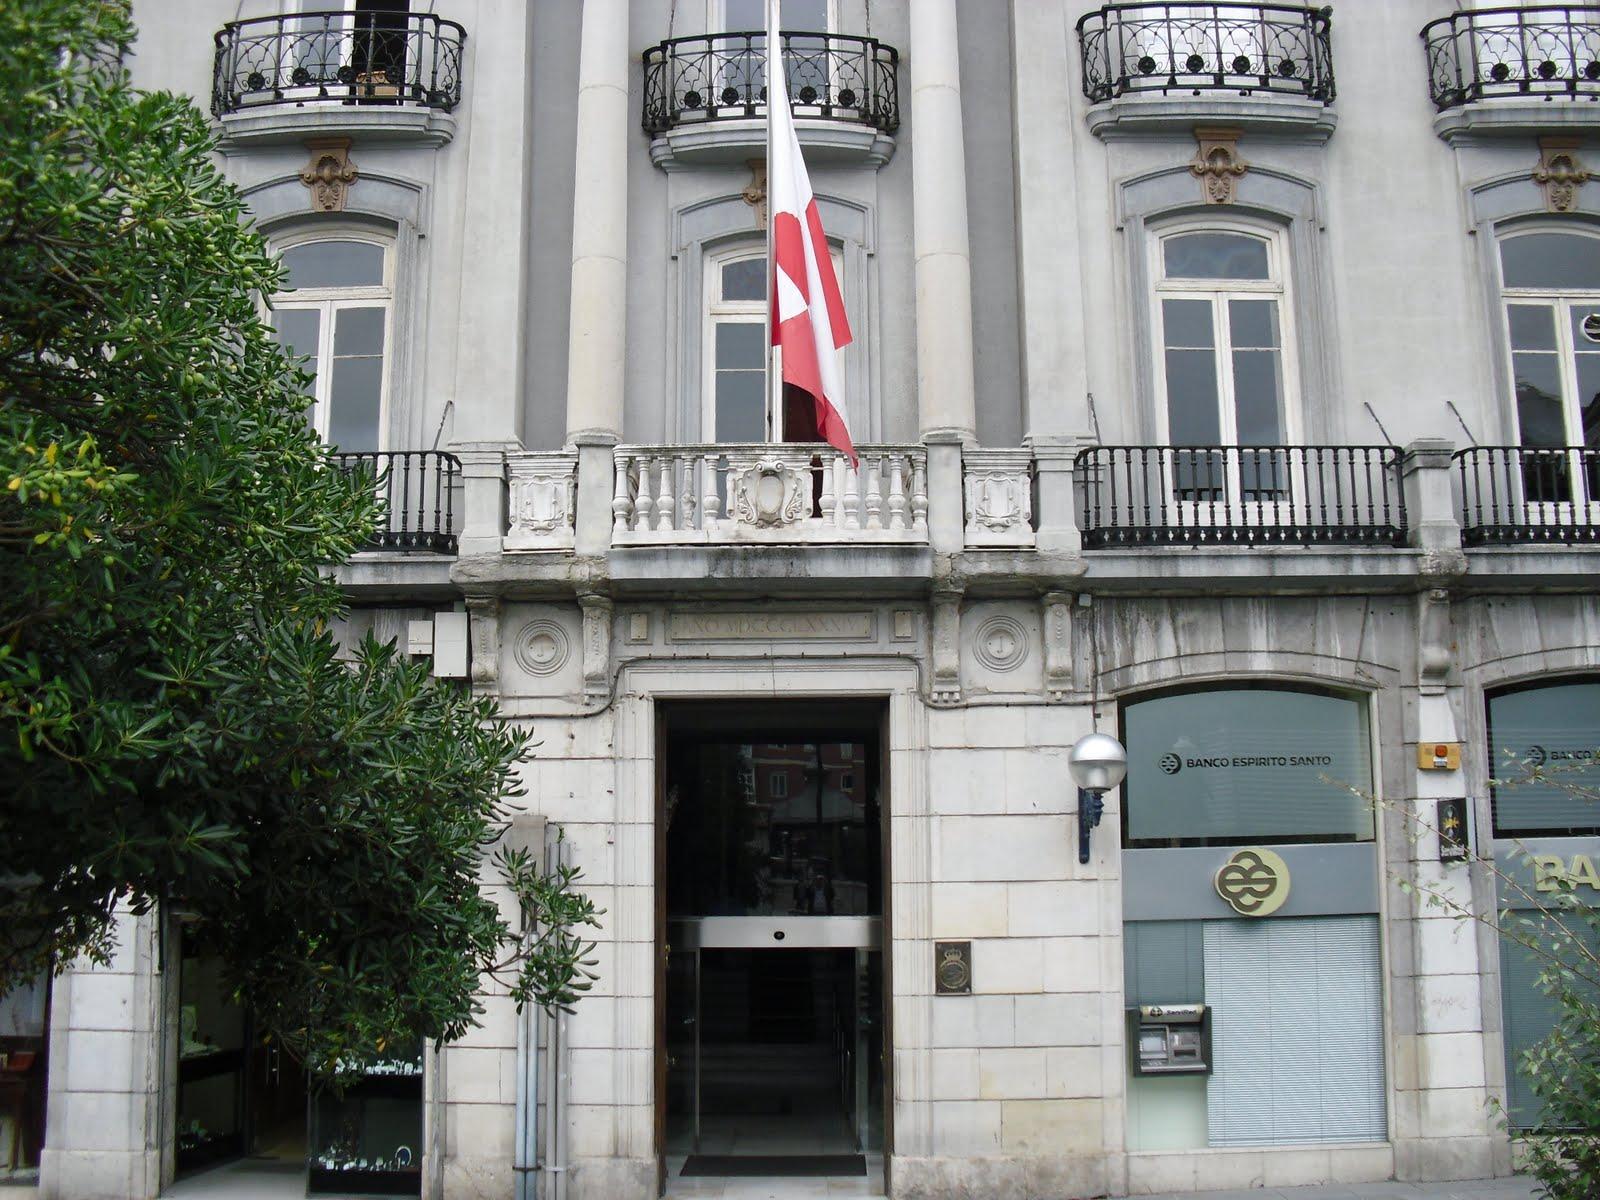 La ciudad habla edificio casa pombo en santander - Casas de banco santander ...